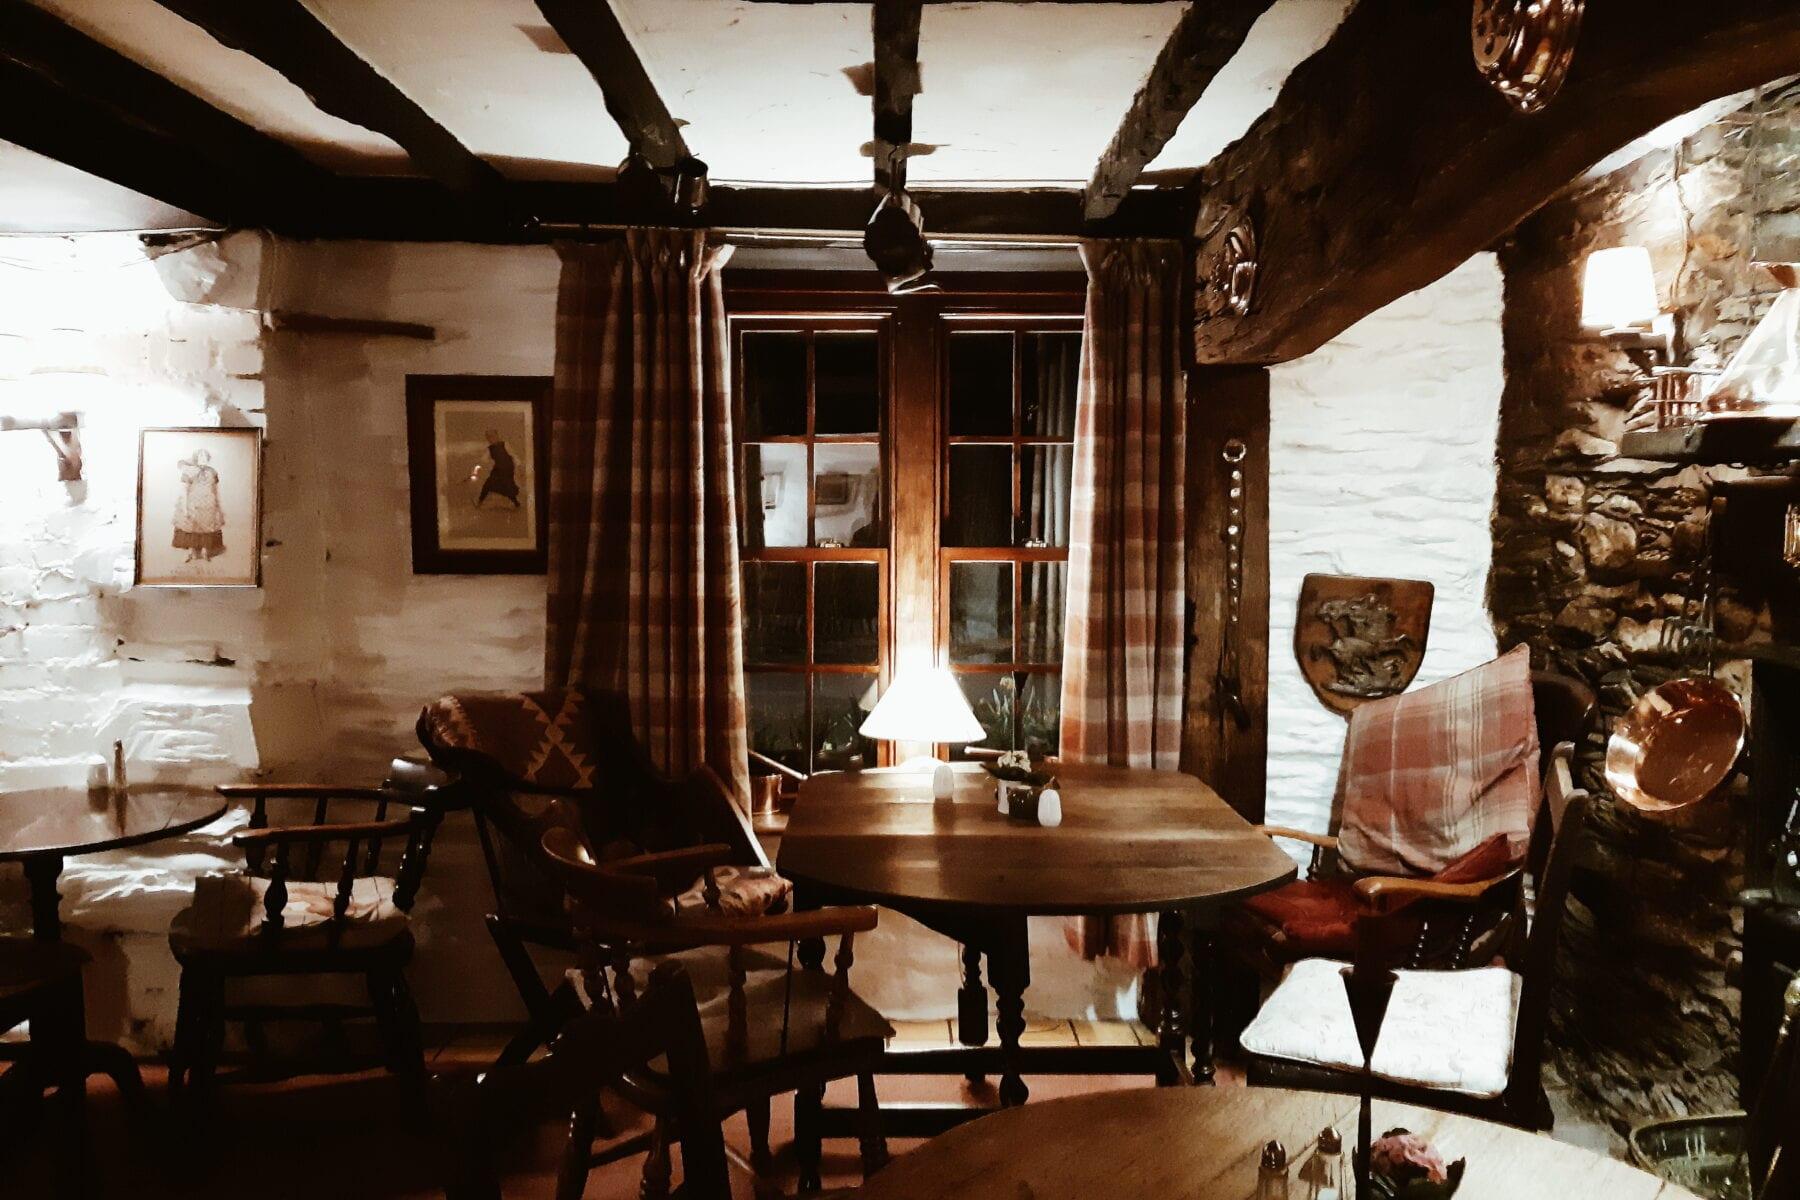 Restaurante do hotel Ty Gwyn, Betws y Coed - Snowdon, País de Gales